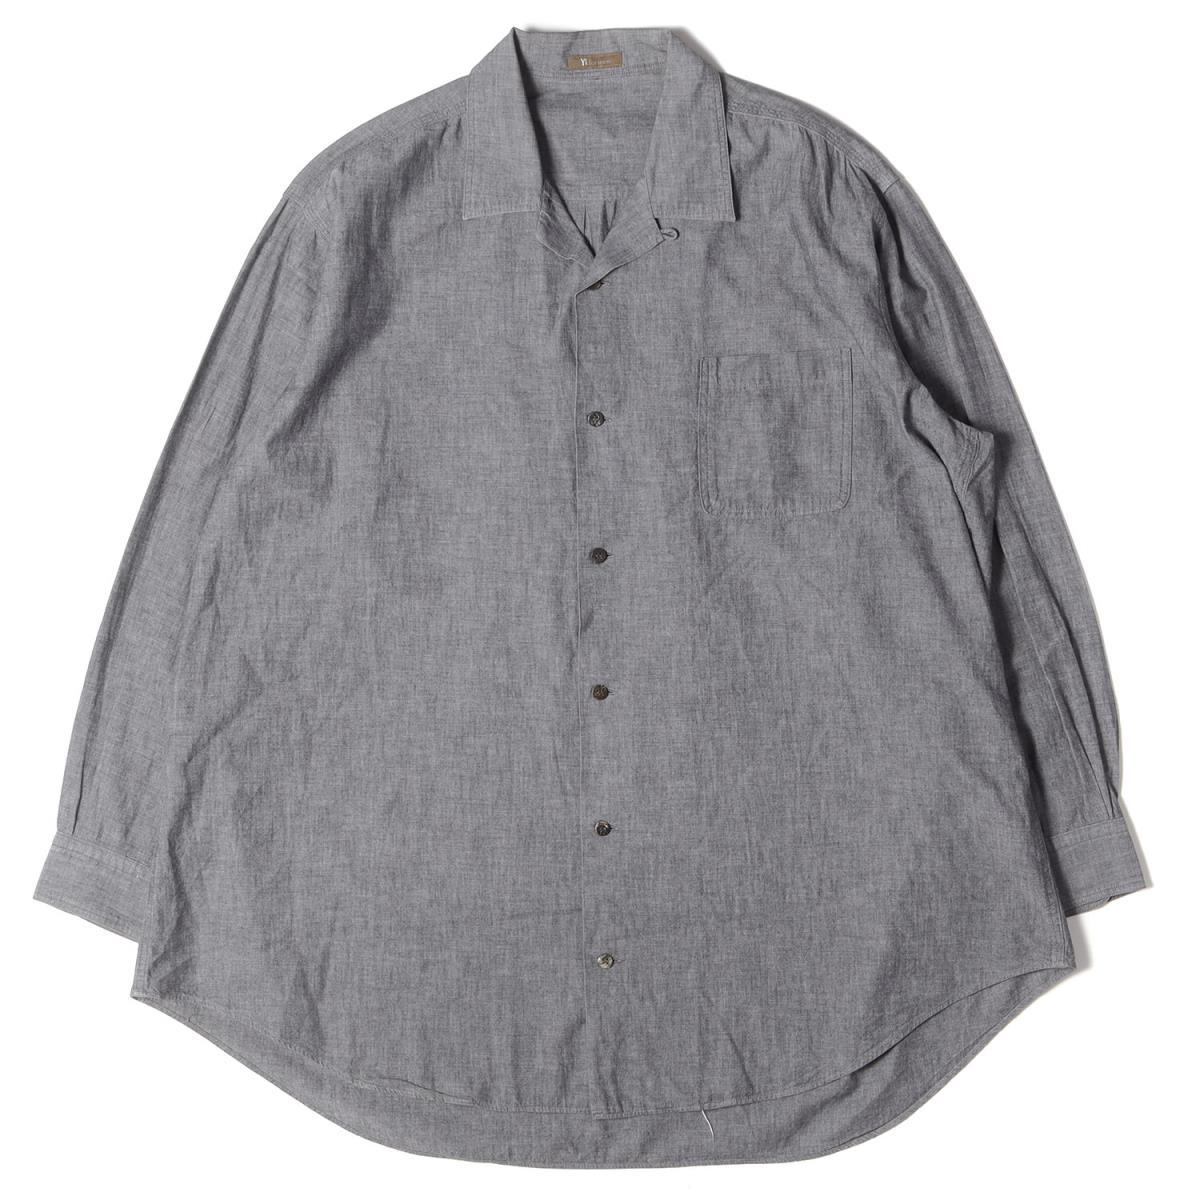 トップス, カジュアルシャツ Yohji Yamamoto Ys Ys for men K3119